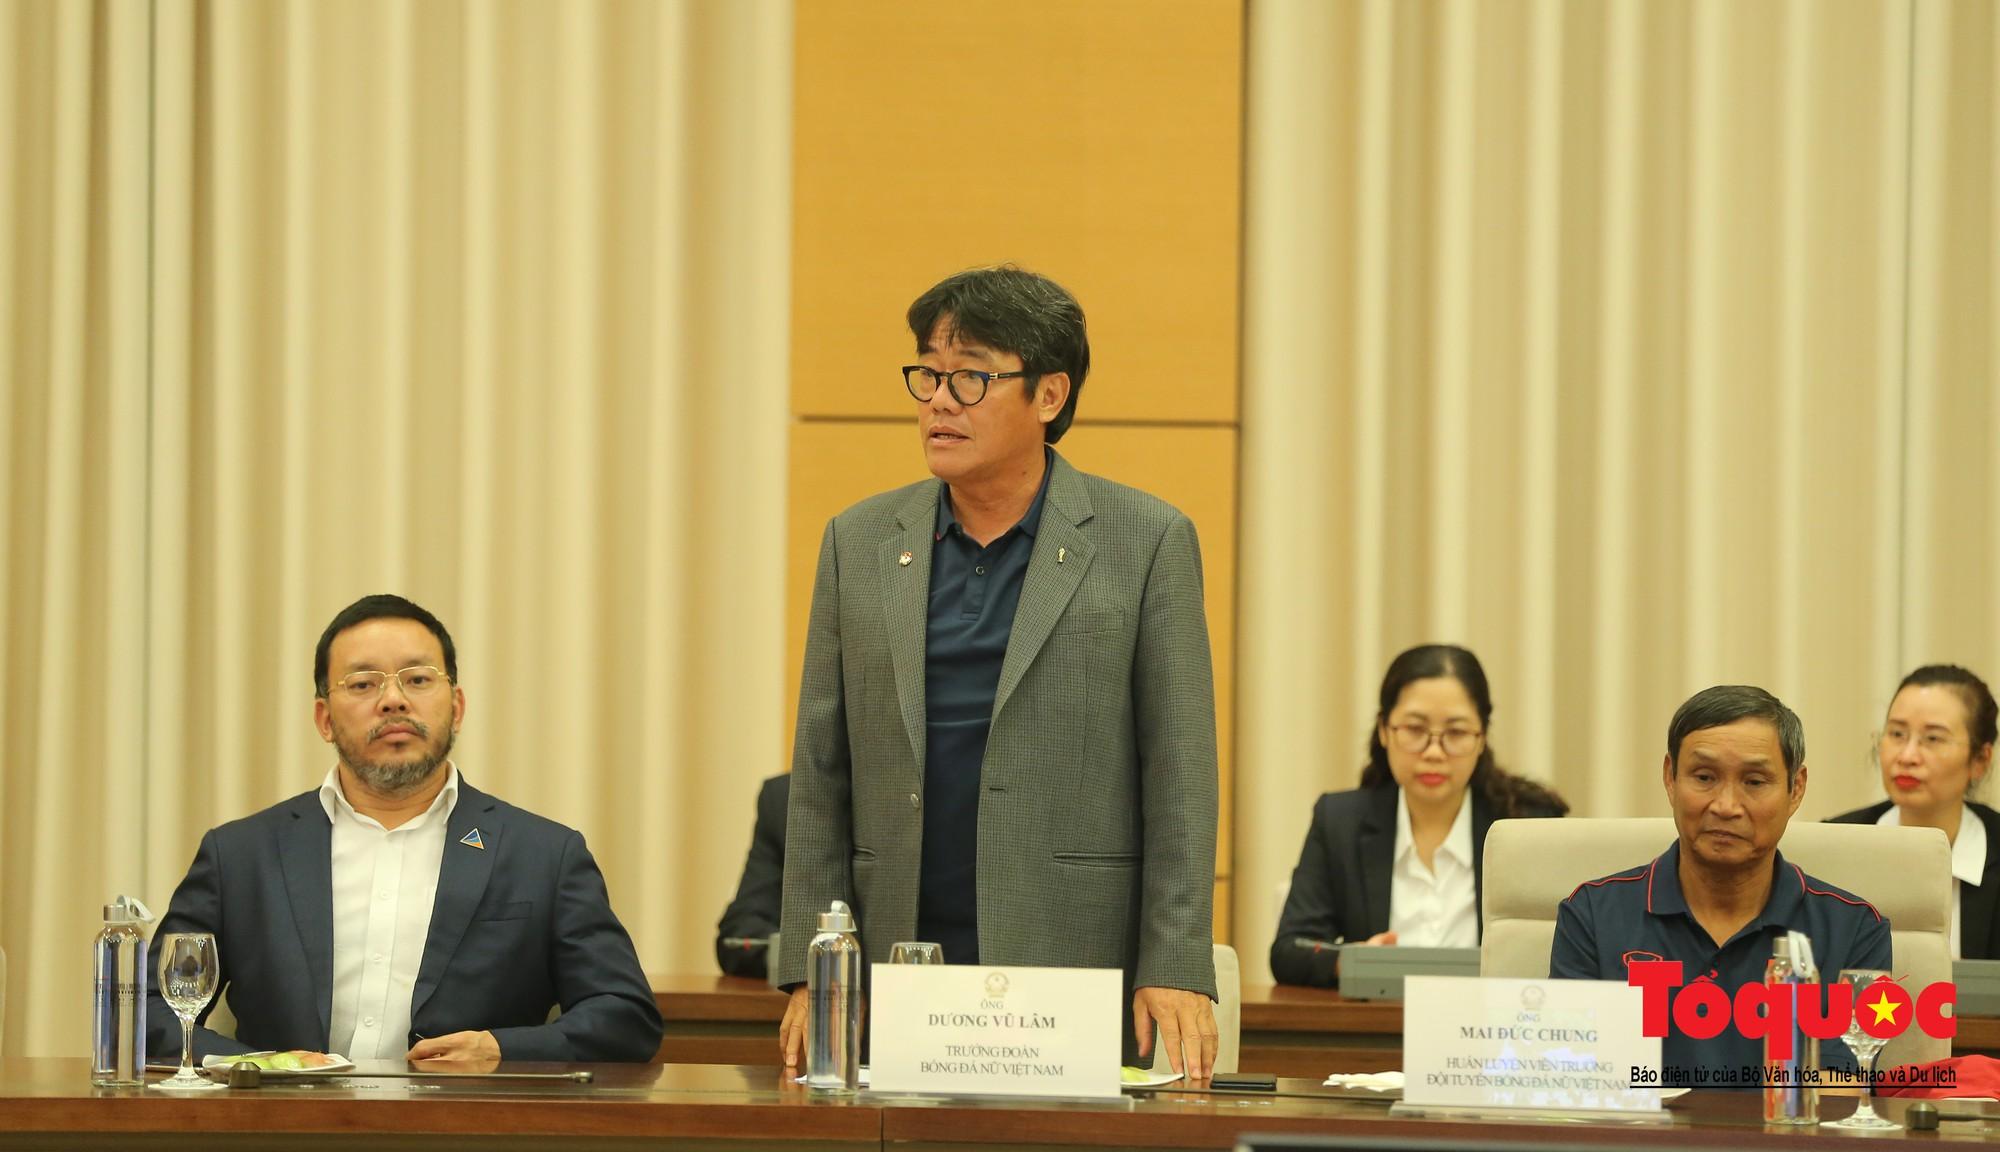 Chủ tịch Quốc hội Nguyễn Thị Kim Ngân: Bóng đá nam nhìn thành tích bóng đá nữ còn phải mơ ước dài6